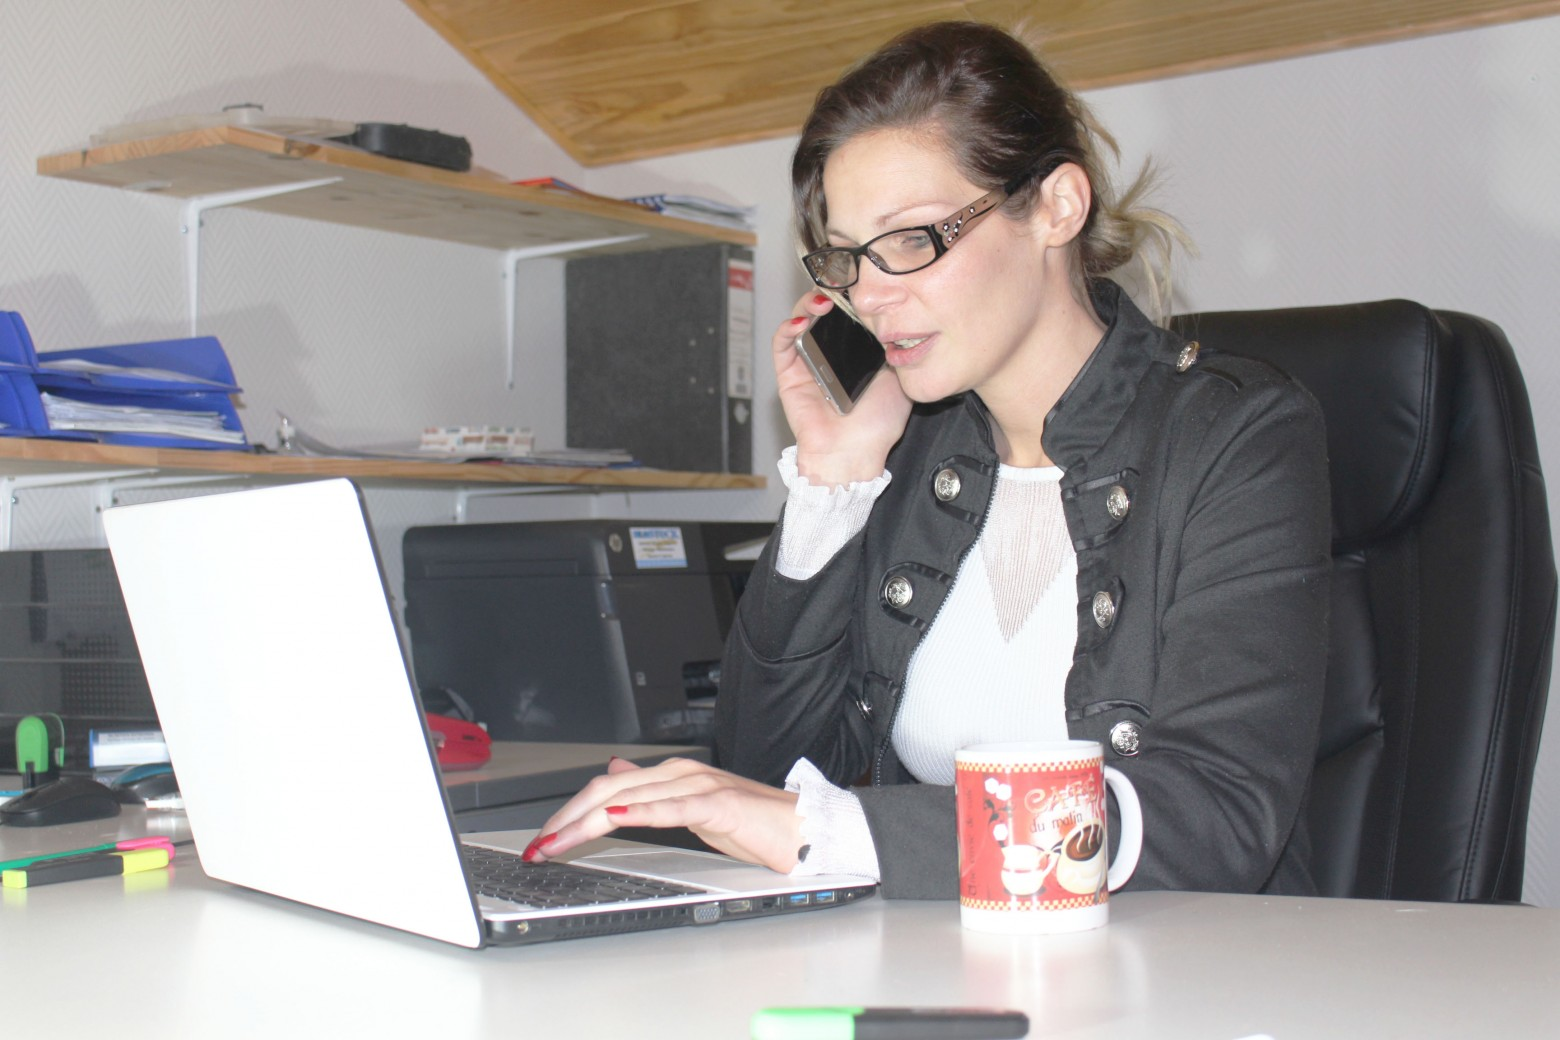 wwwfotomeliacom site images gratuites